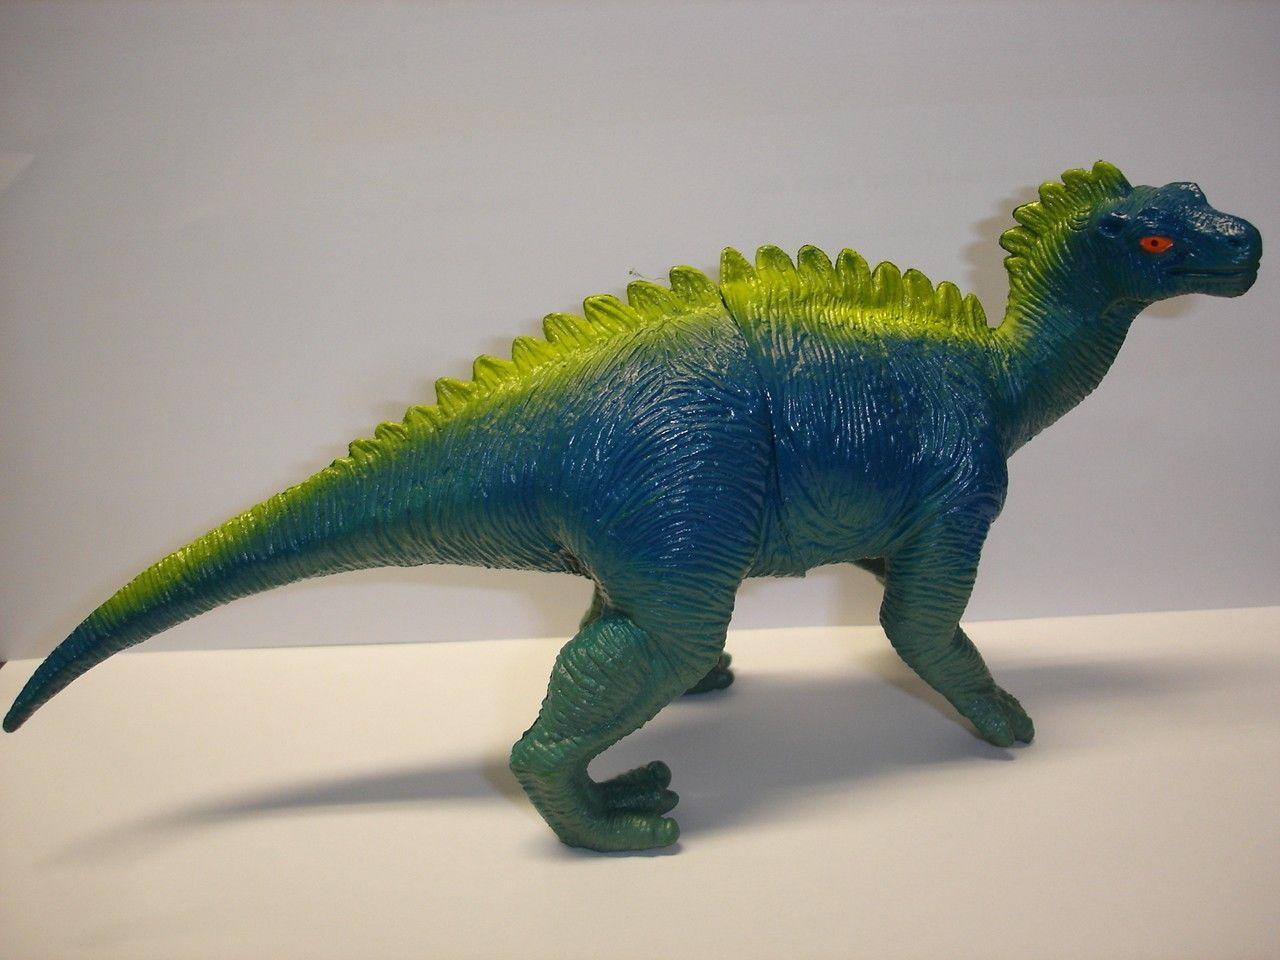 """Used 4"""" tall plastic Scelidosaurus dinosaur figurine figure"""